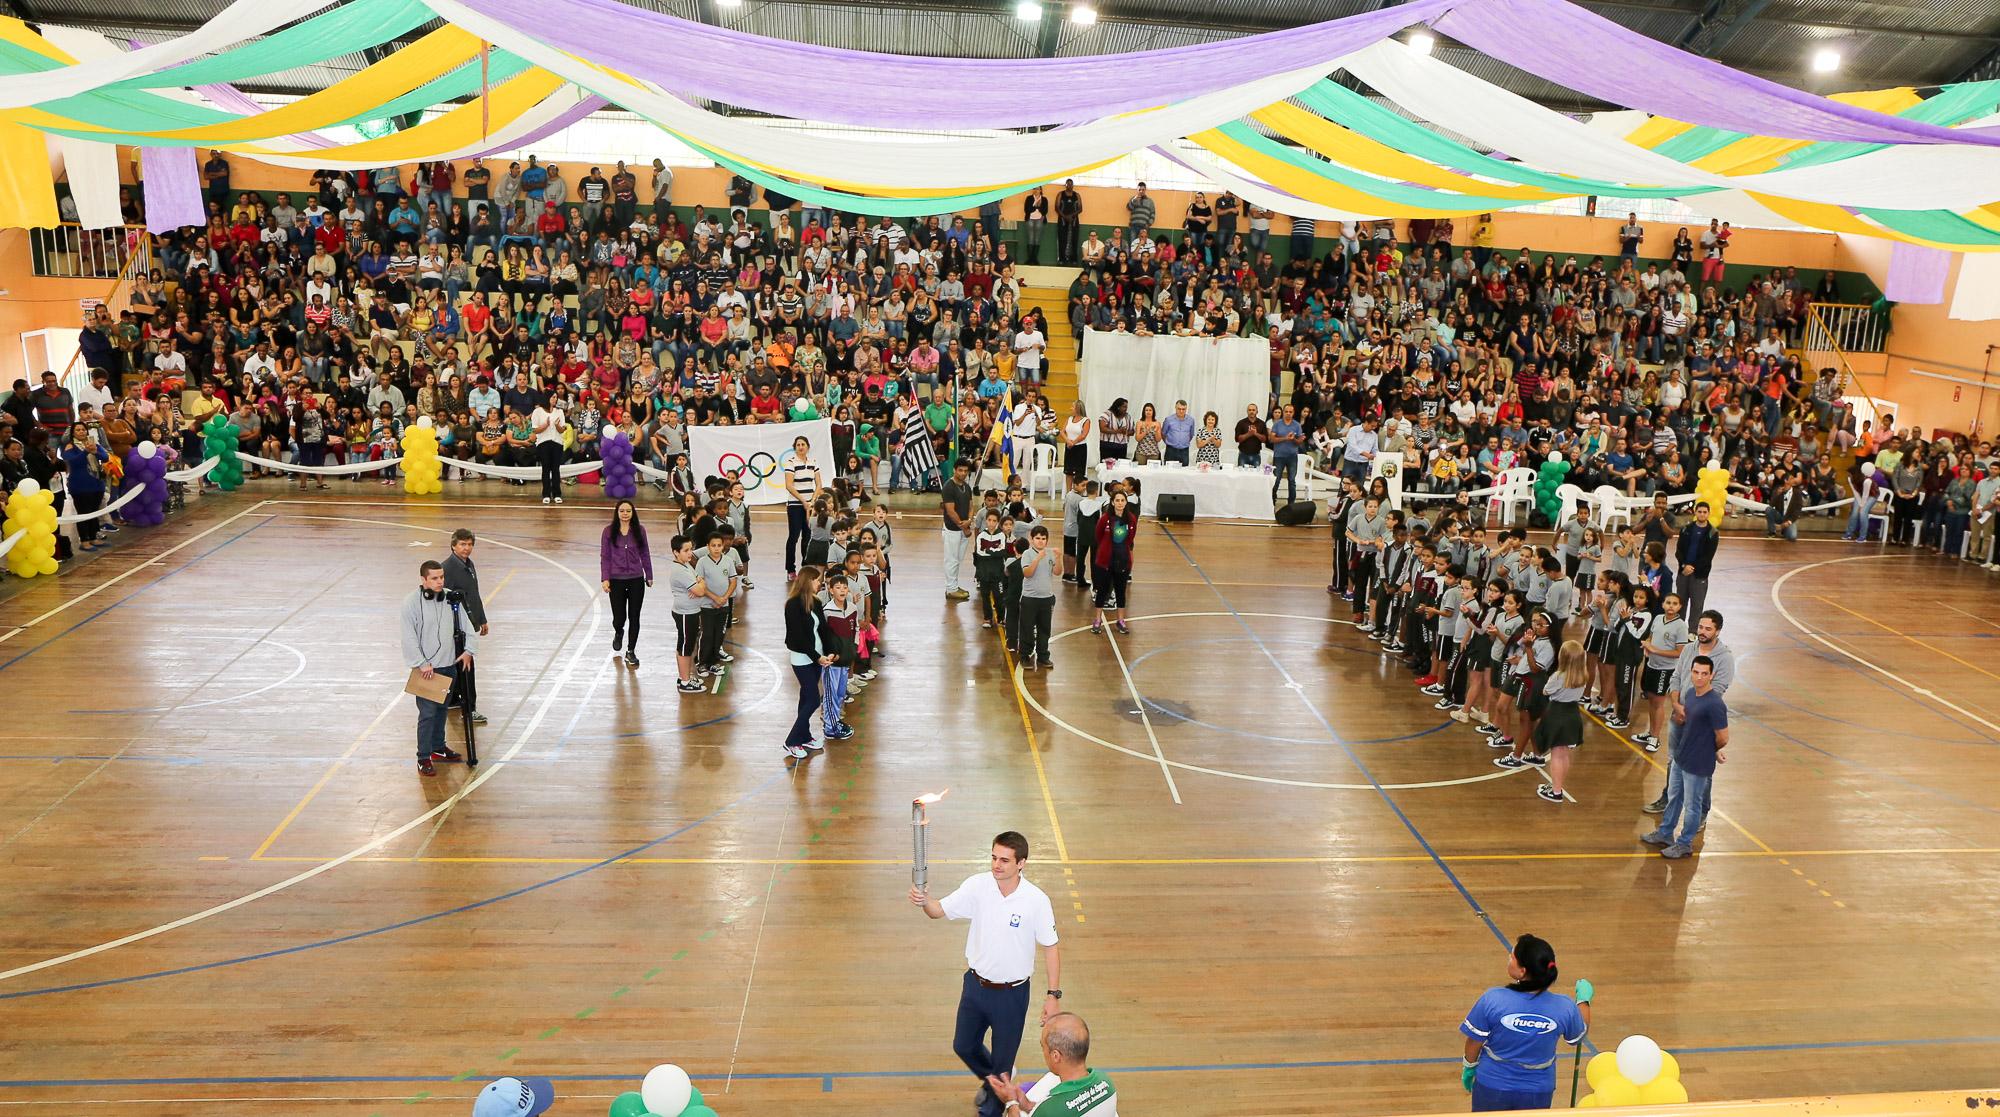 noticia Abertura da Olimpíada estudantil de Louveira: ´Respeito vale ouro